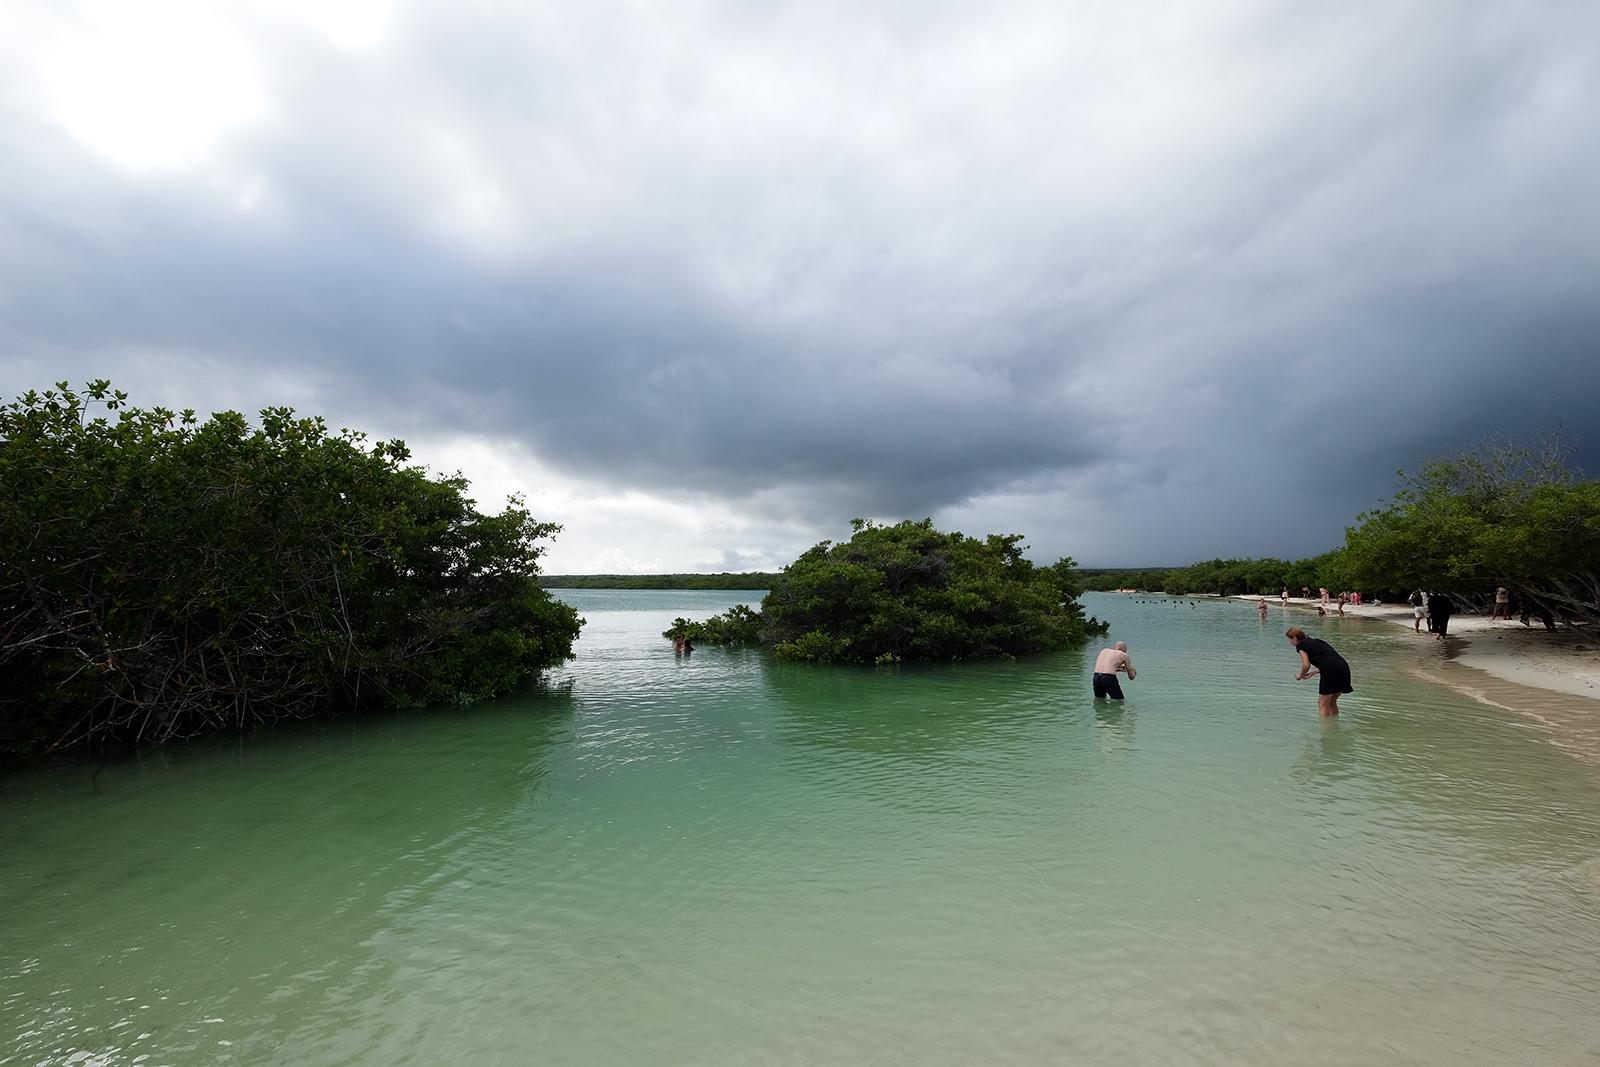 04_Playa_Bahia_de_Tortuga_06_se_viene_la_tormenta.JPG